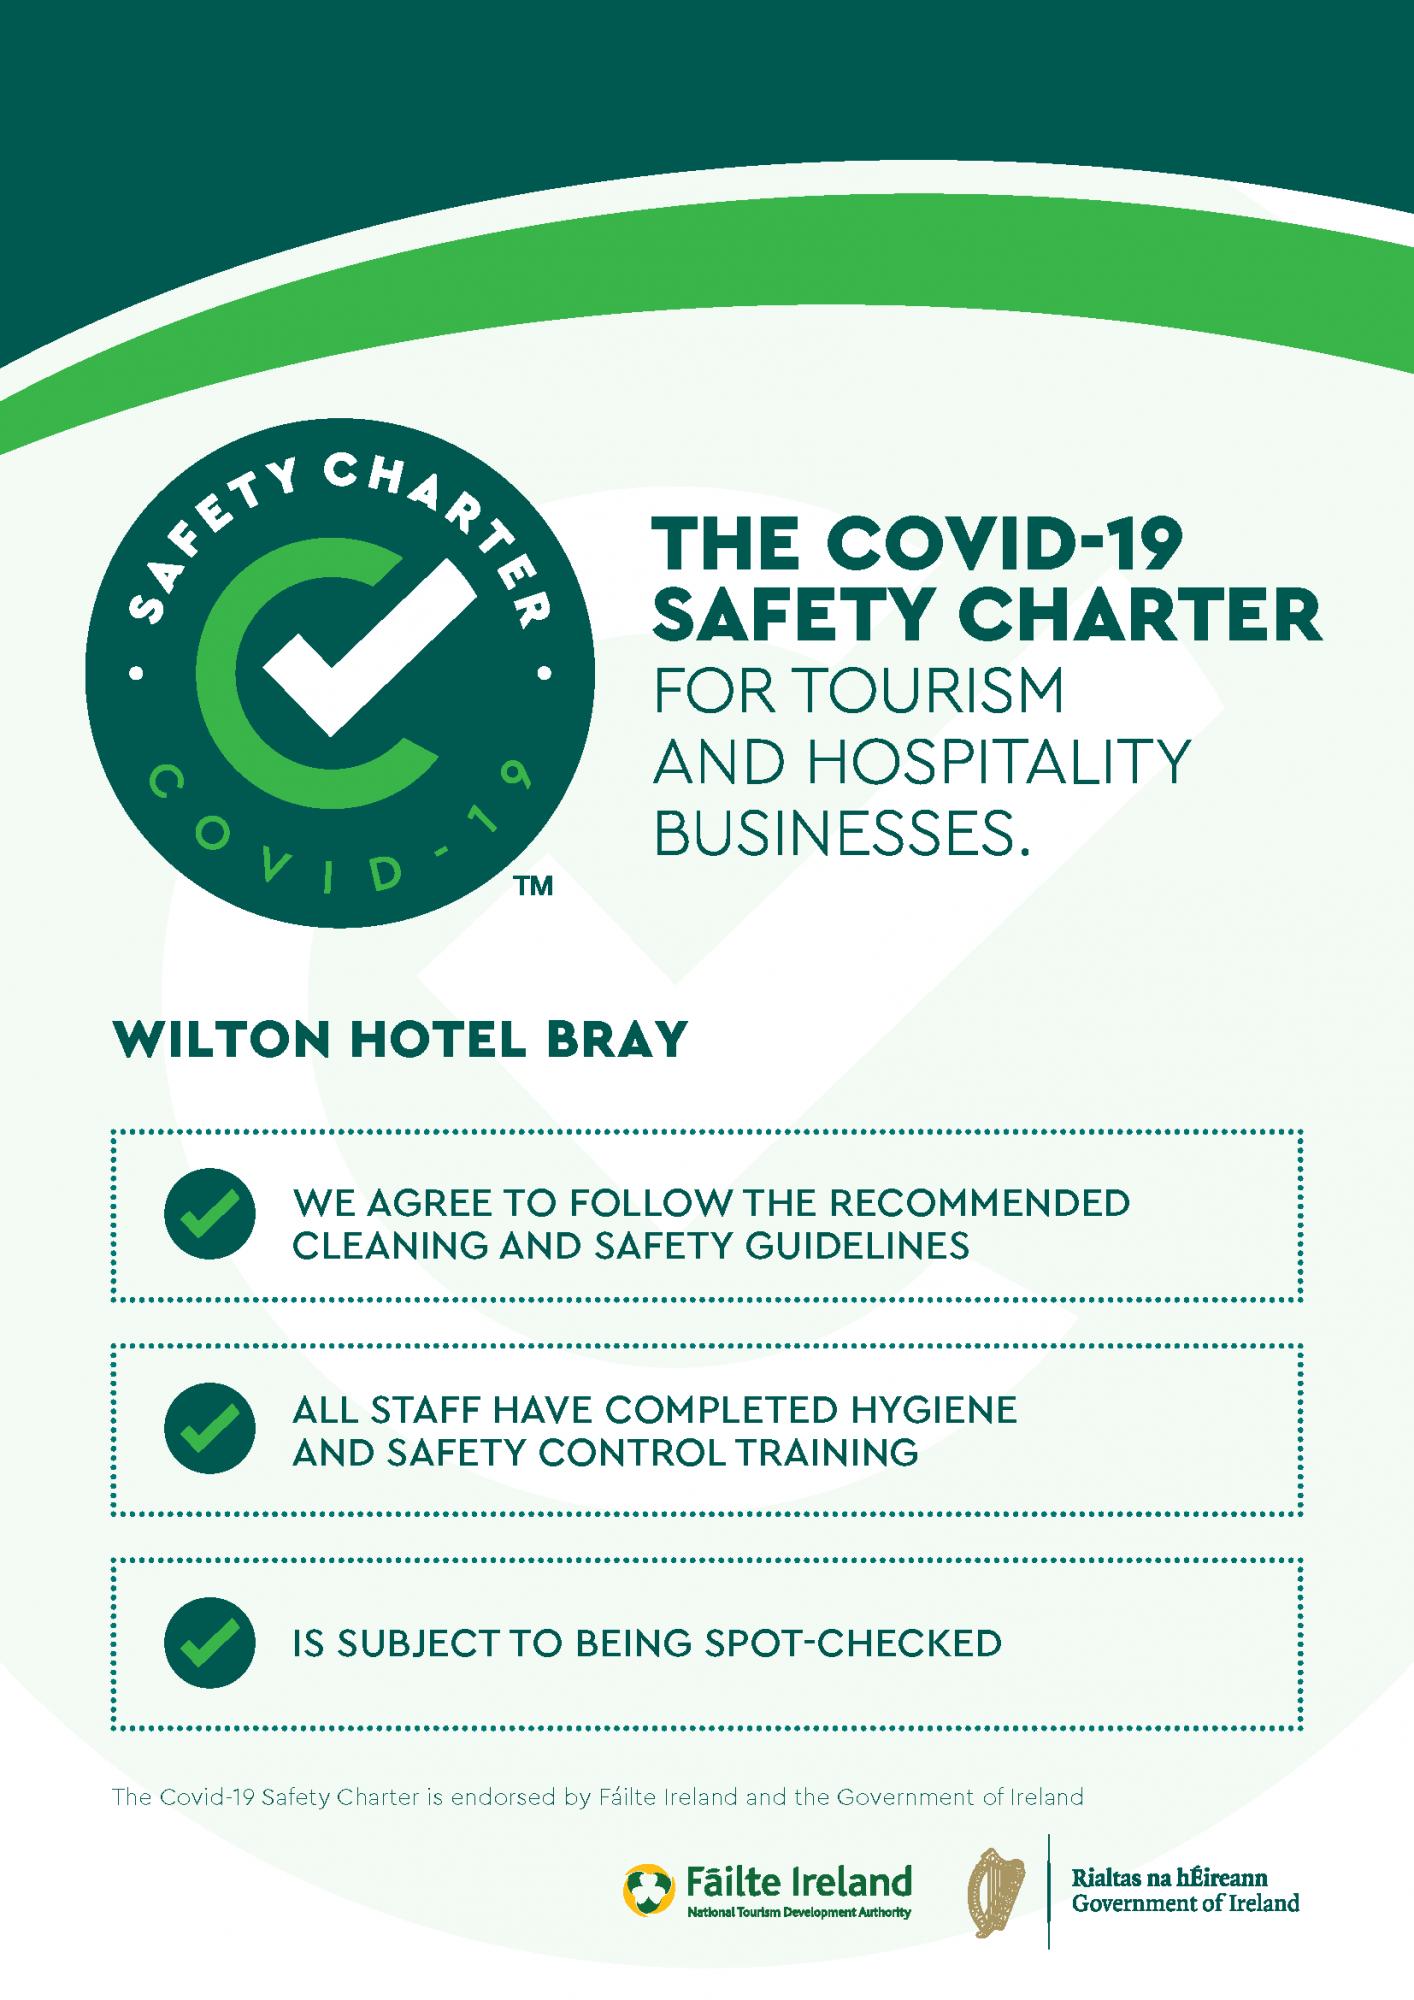 wilton hotel safety charter cert